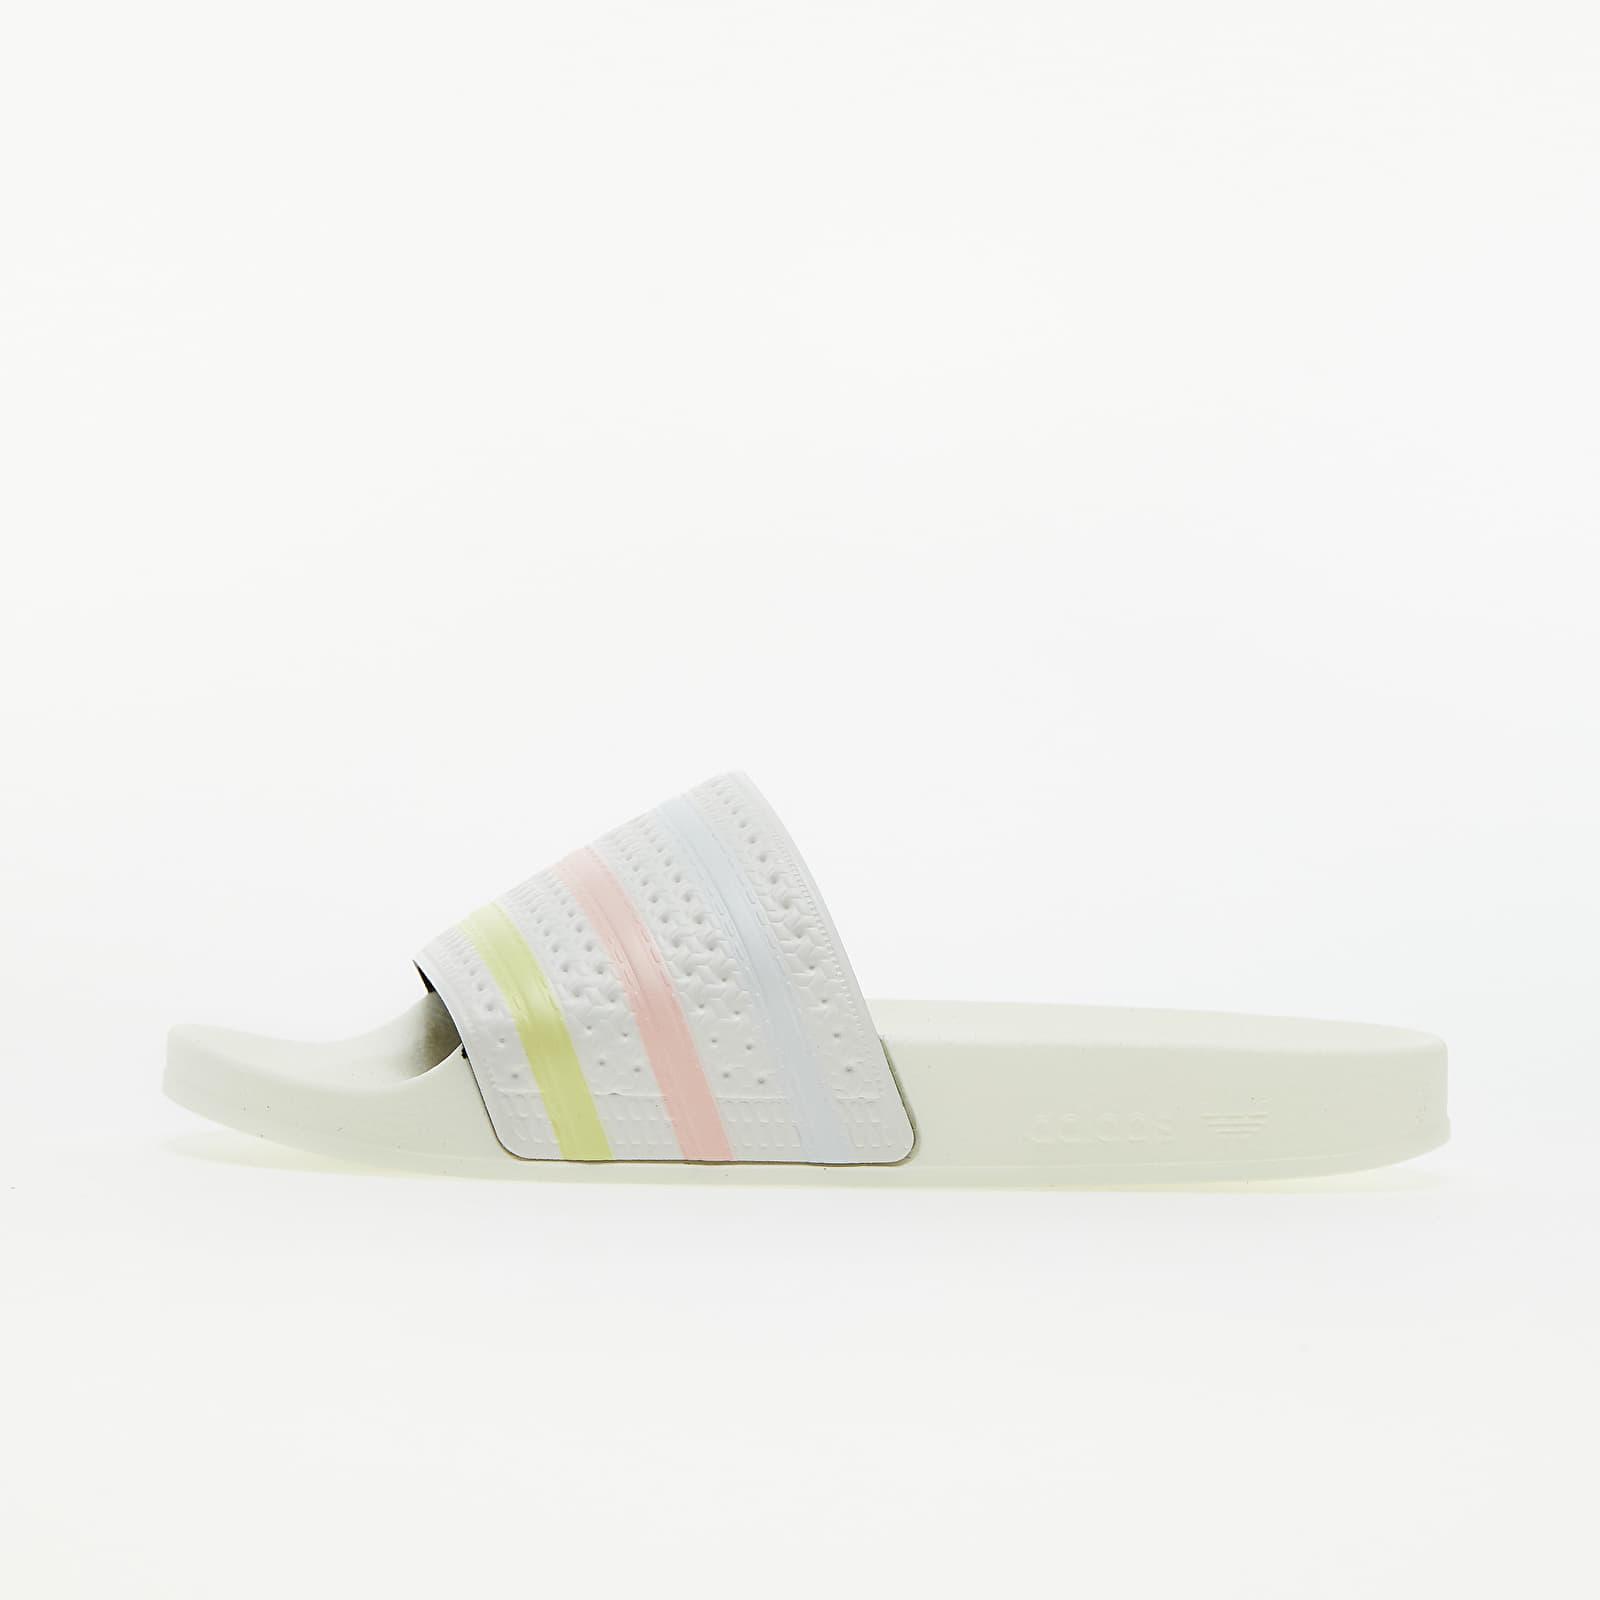 adidas Adilette W Off White/ Yellow Tint/ Pink Tint GZ7061